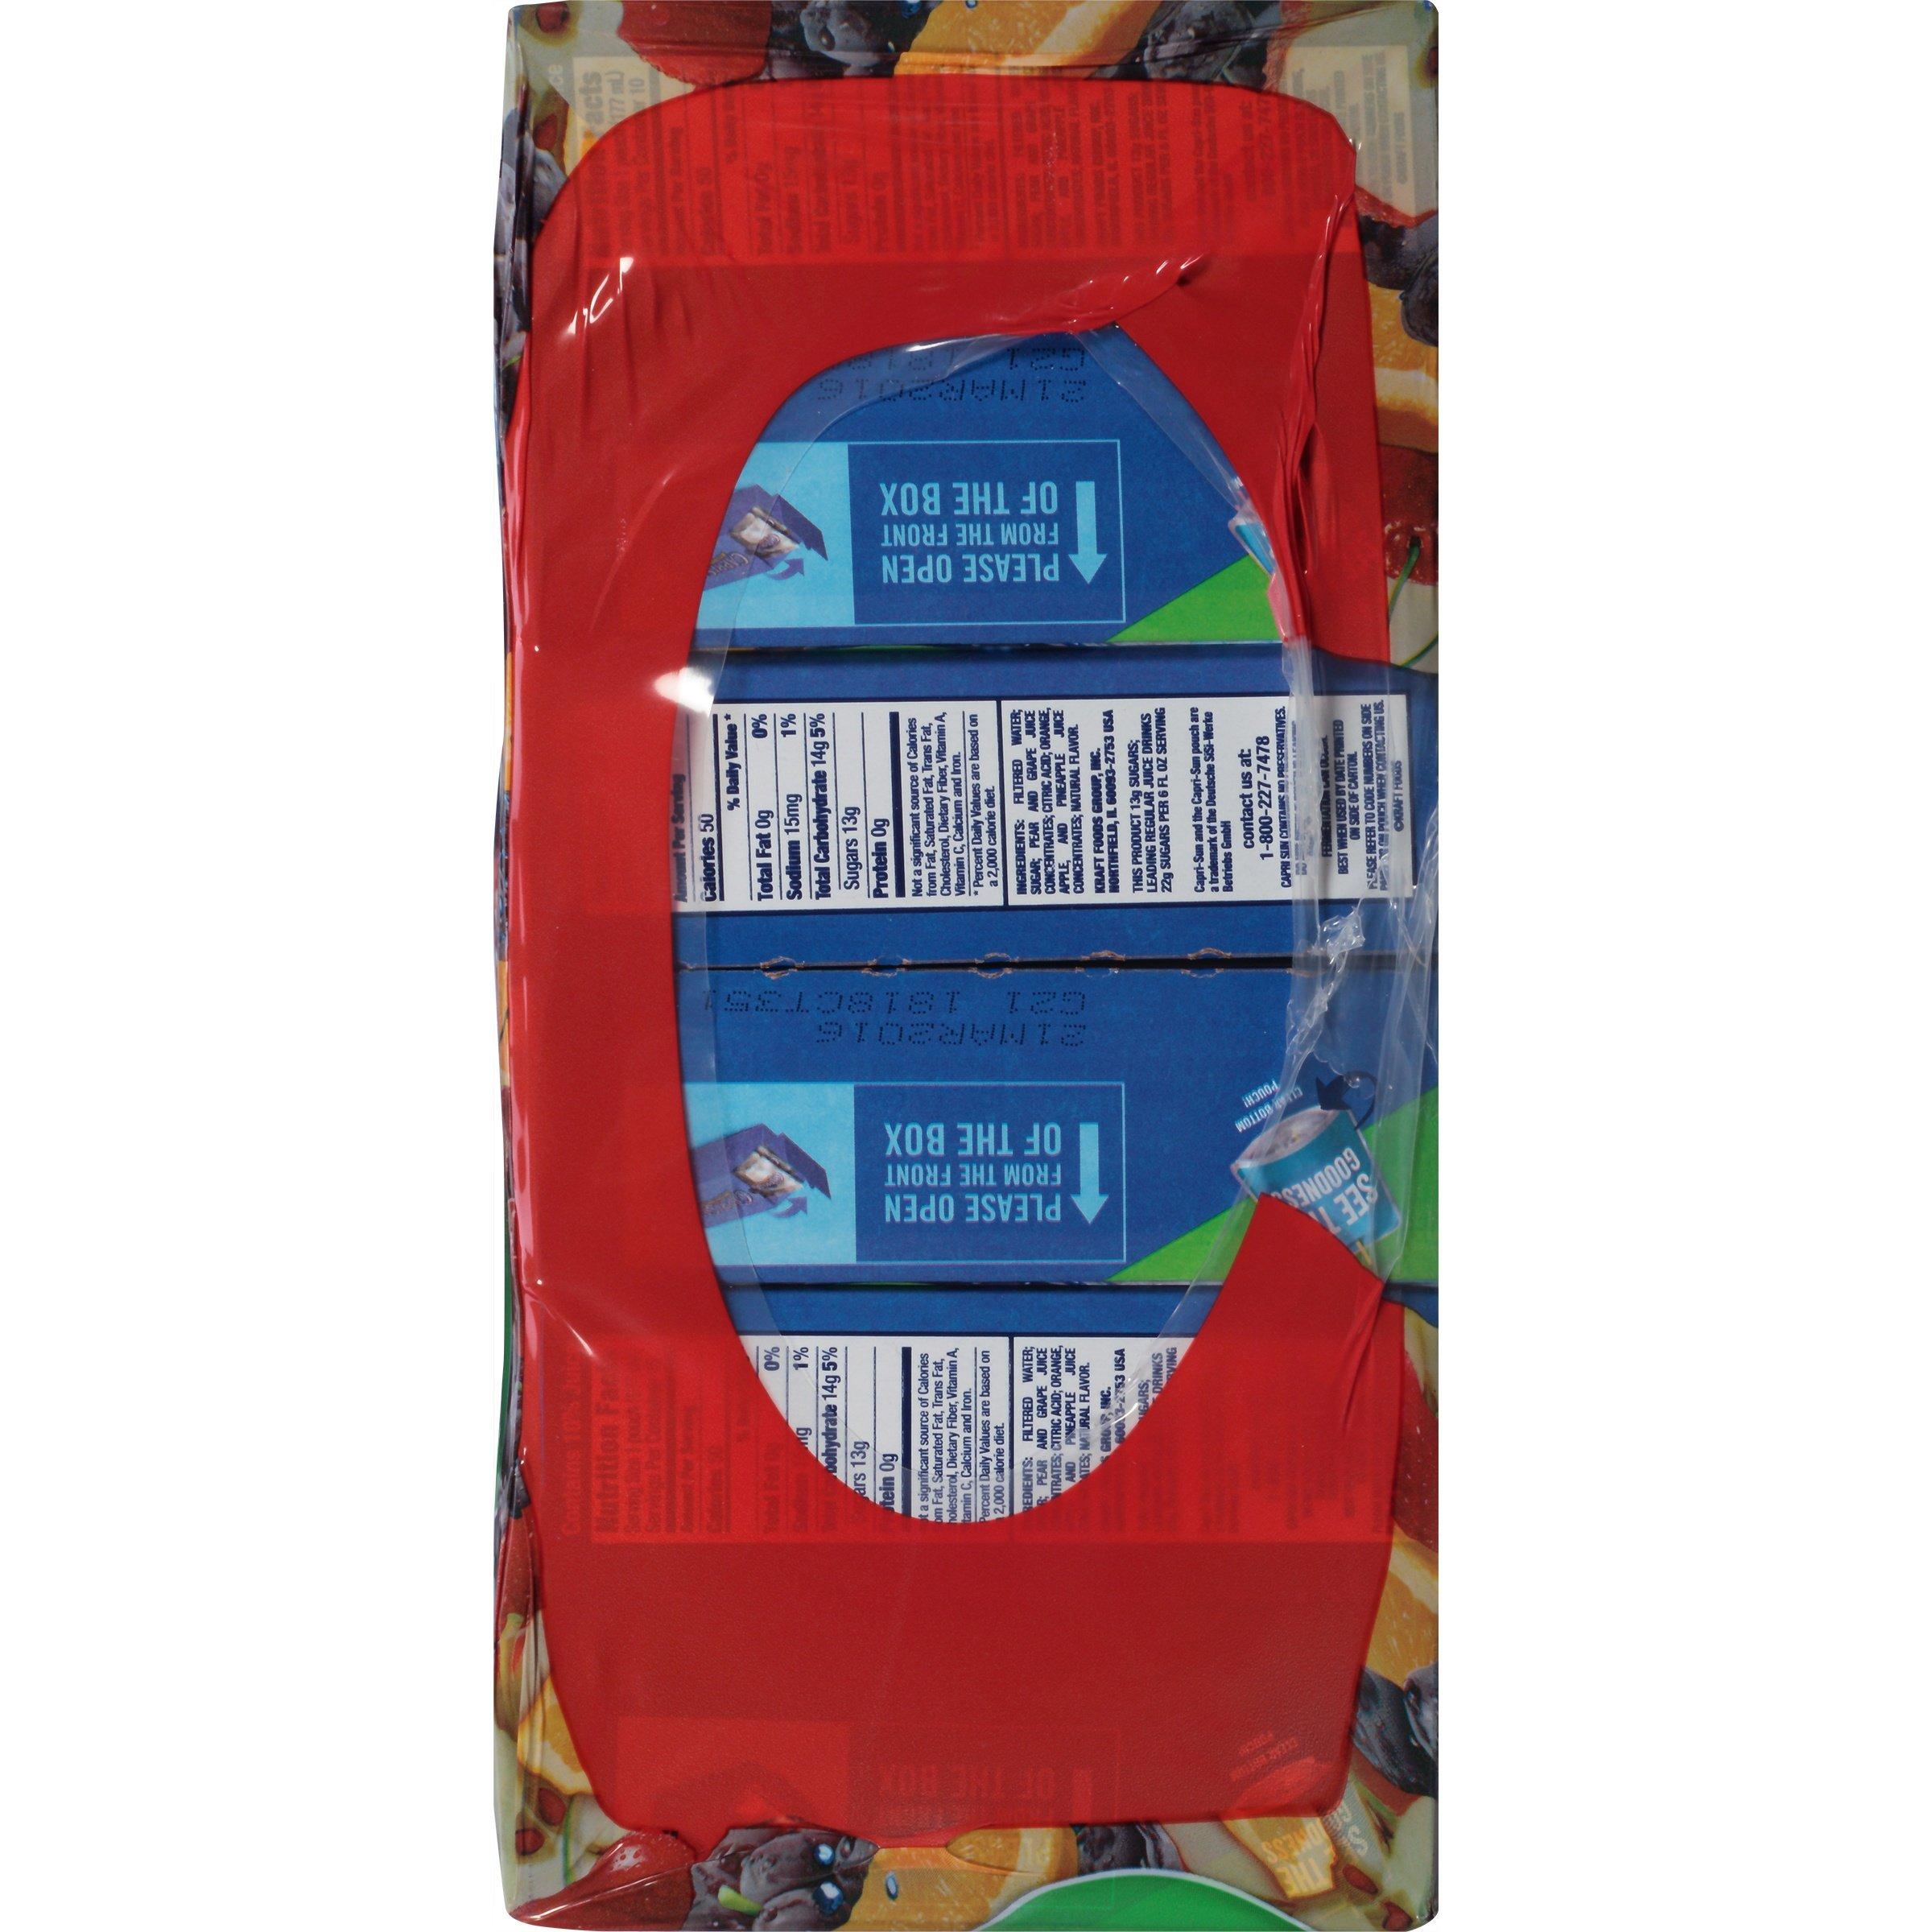 PACK OF 6 - Capri Sun Fruit Punch Juice Pouches, 30 count, 6 oz (177mL) by Capri Sun (Image #2)